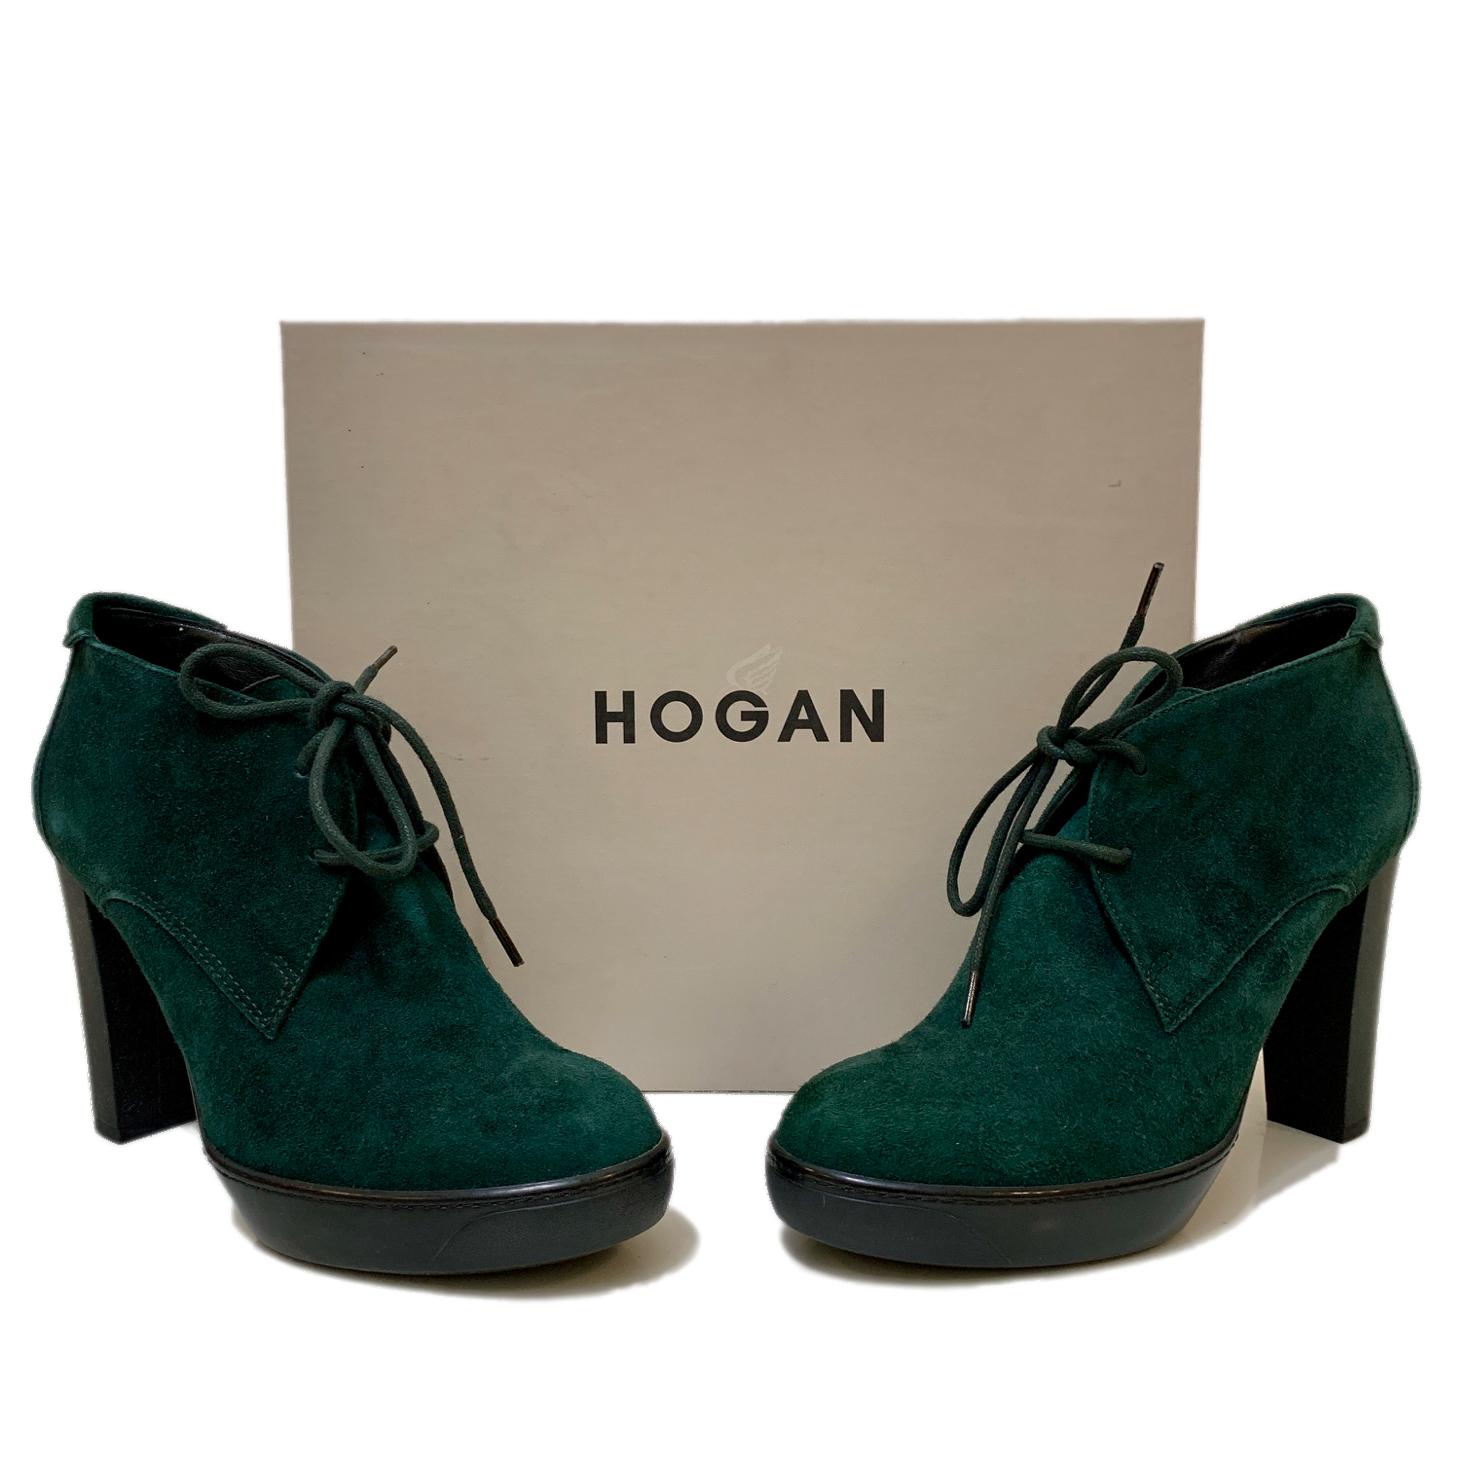 Luxusní zelené semišové kotníkové boty HOGAN